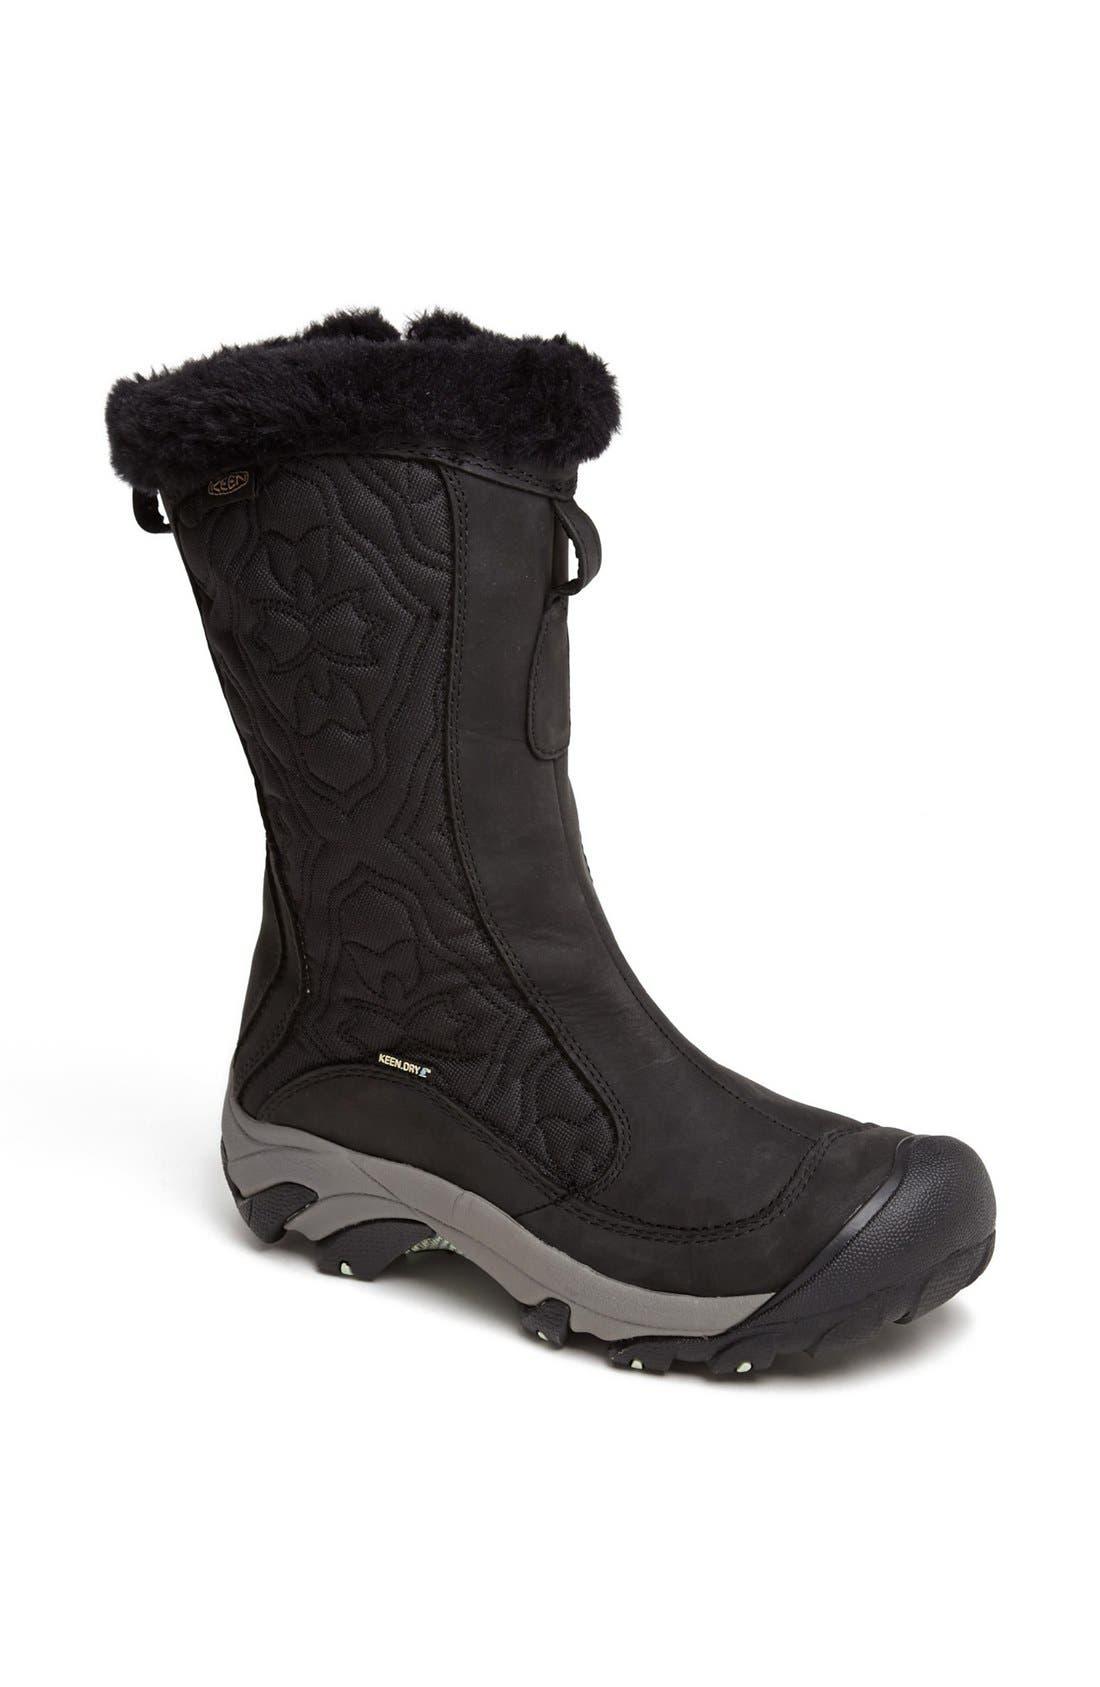 Alternate Image 1 Selected - Keen 'Betty II' Waterproof Snow Boot